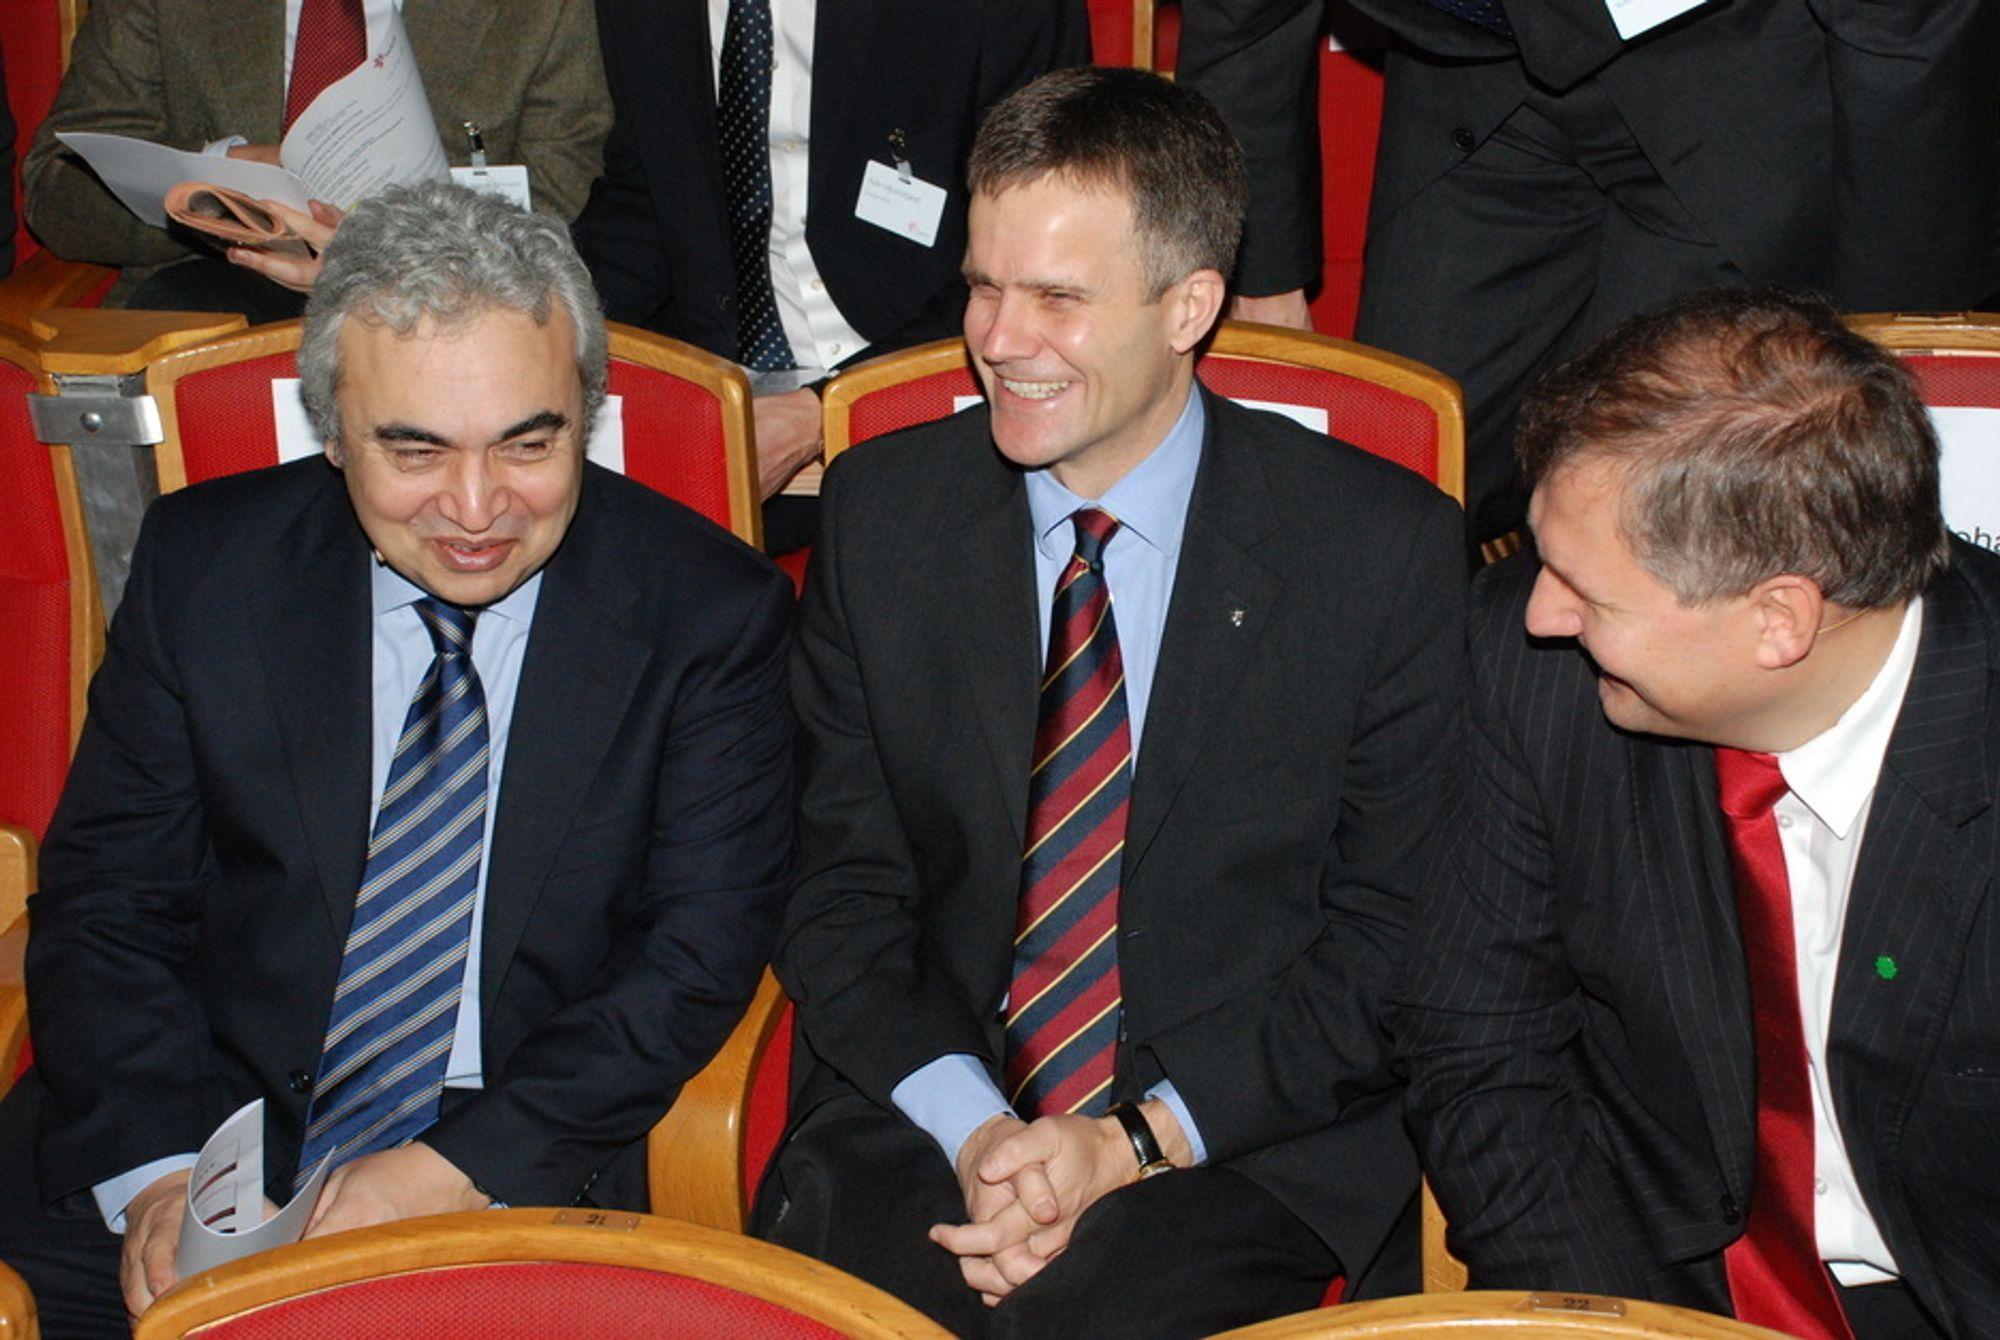 TRUER OPPGANGEN: IEAs sjeføkonom Fatih Birol (t.v.) mener OECD-landenes oppgang etter finanskrisen er truet. OECD-landene betaler nå 30 prosent mer for oljen sin enn de gjorde for ett år siden. Her er Birol sammen med Statoil-sjef Helge Lund og oljeminister Terje Riis-Johansen.